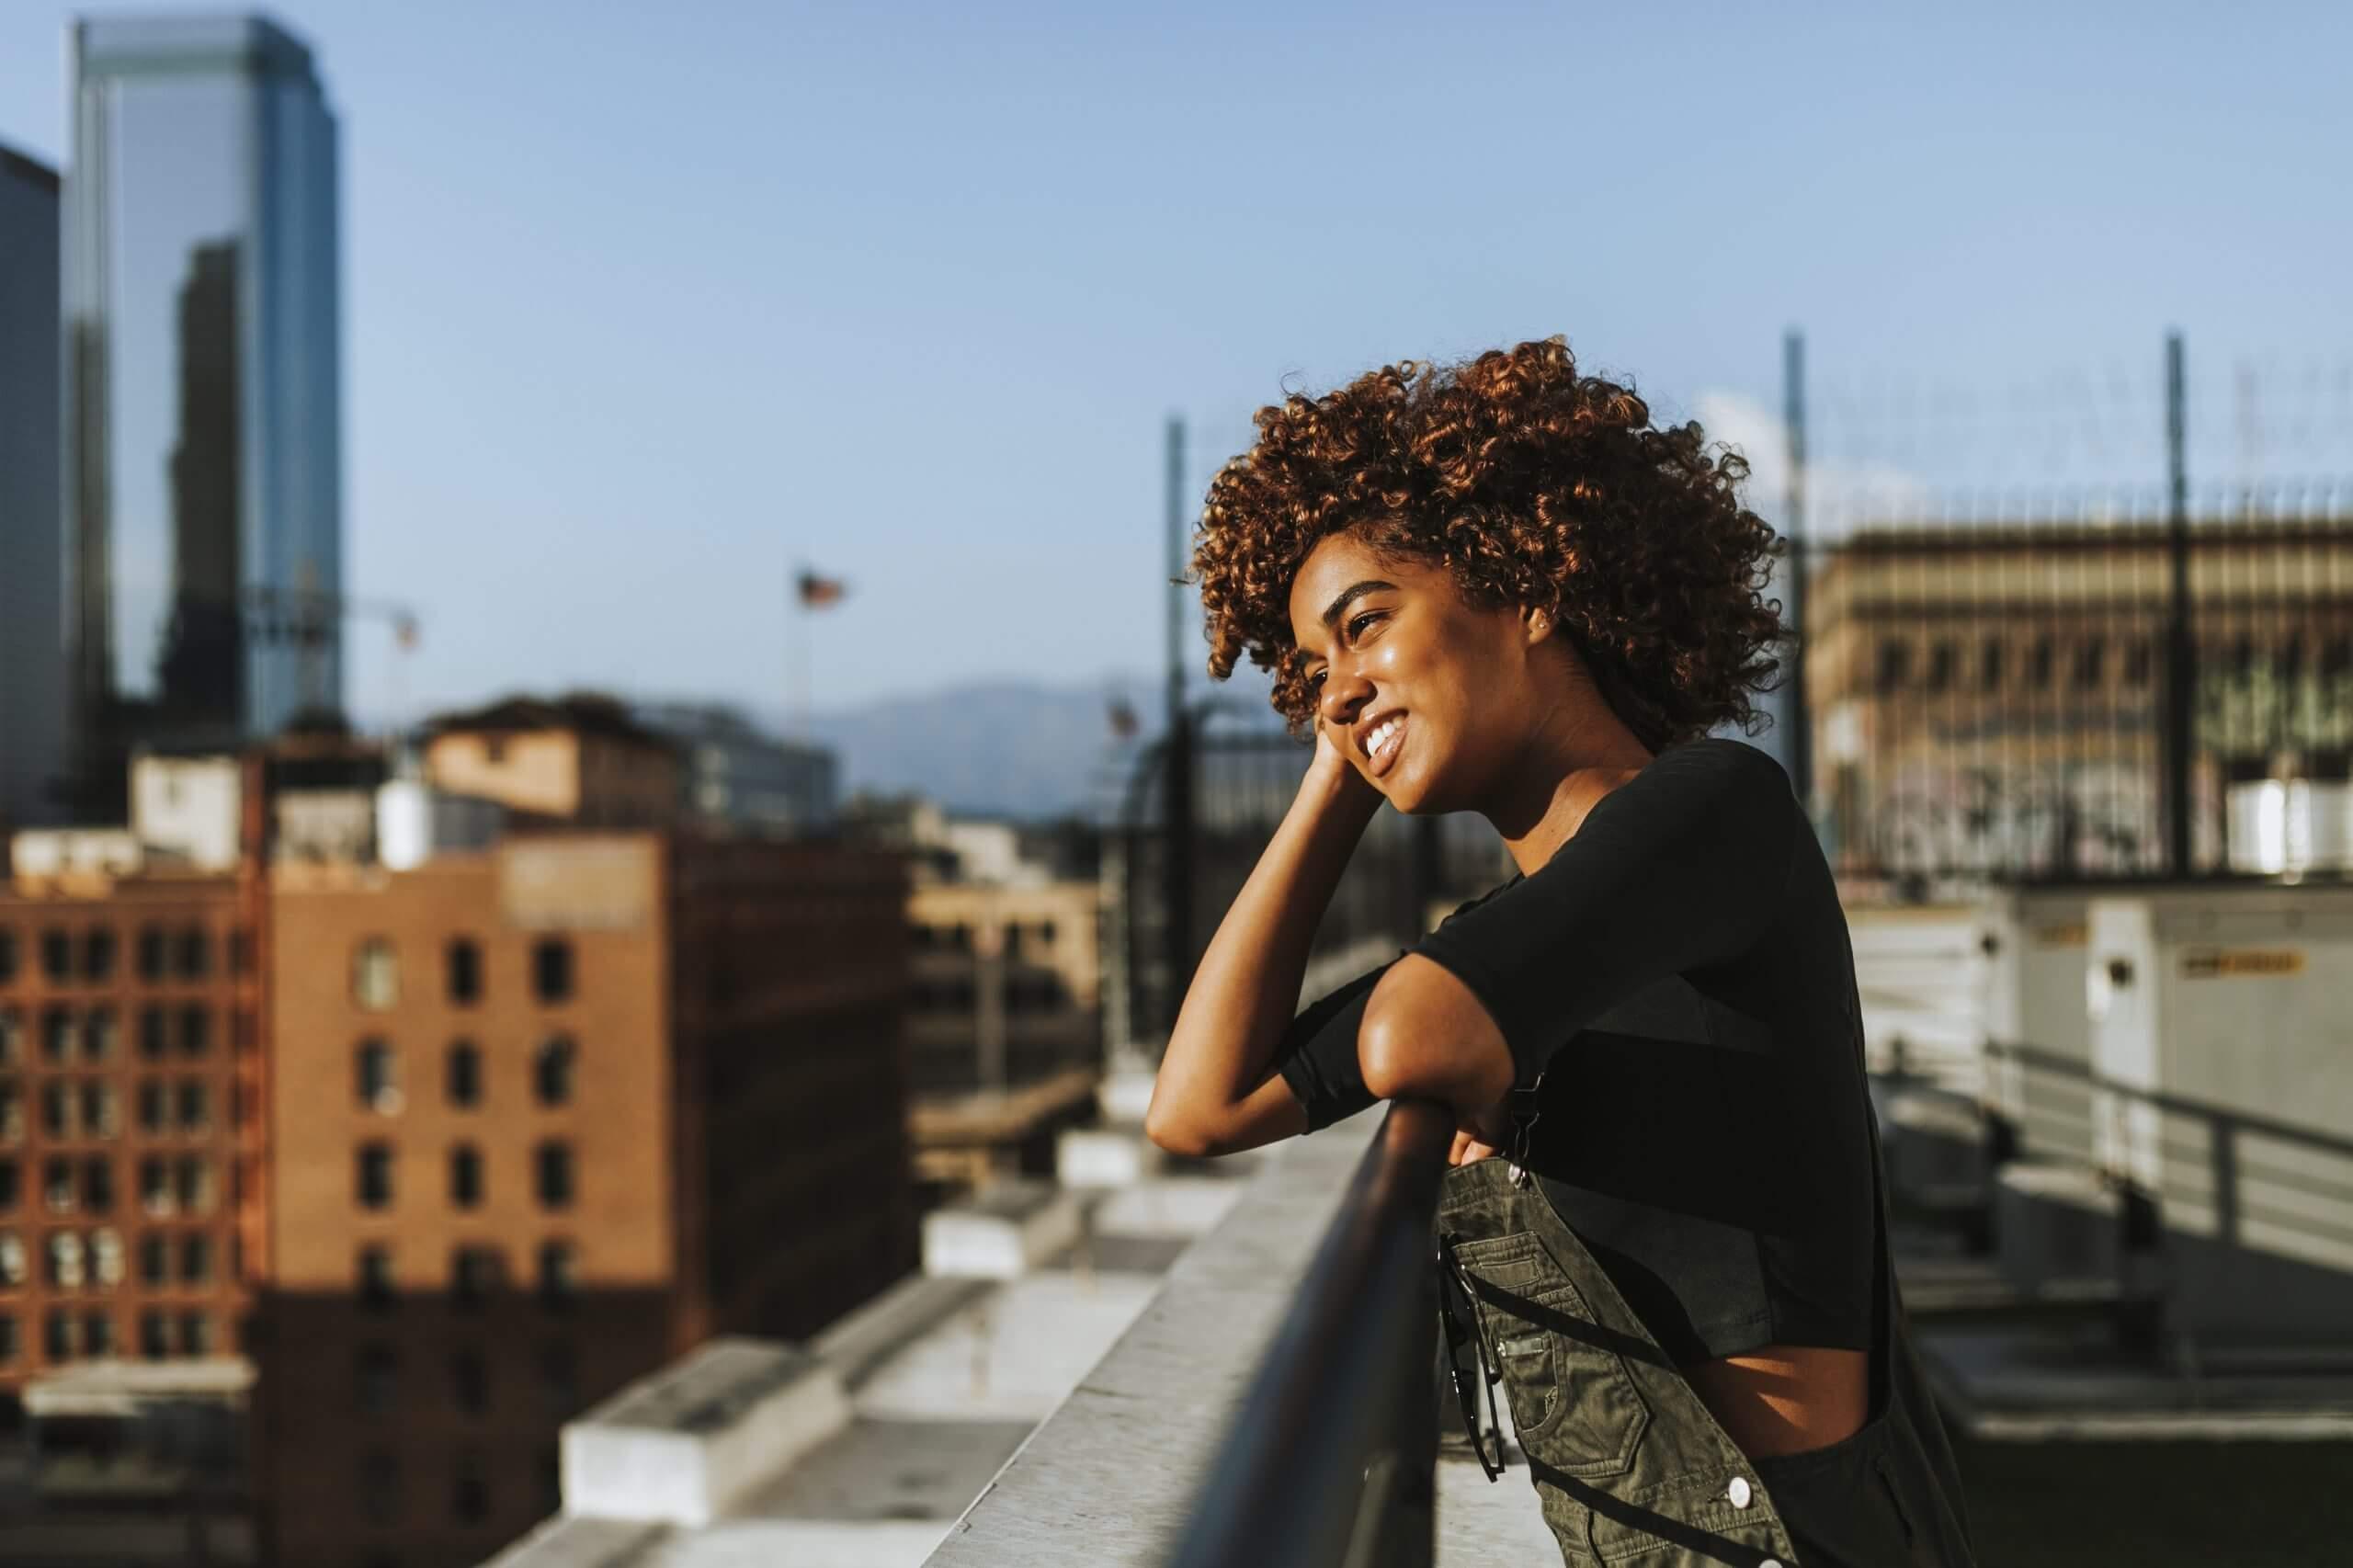 Girl standing on balcony